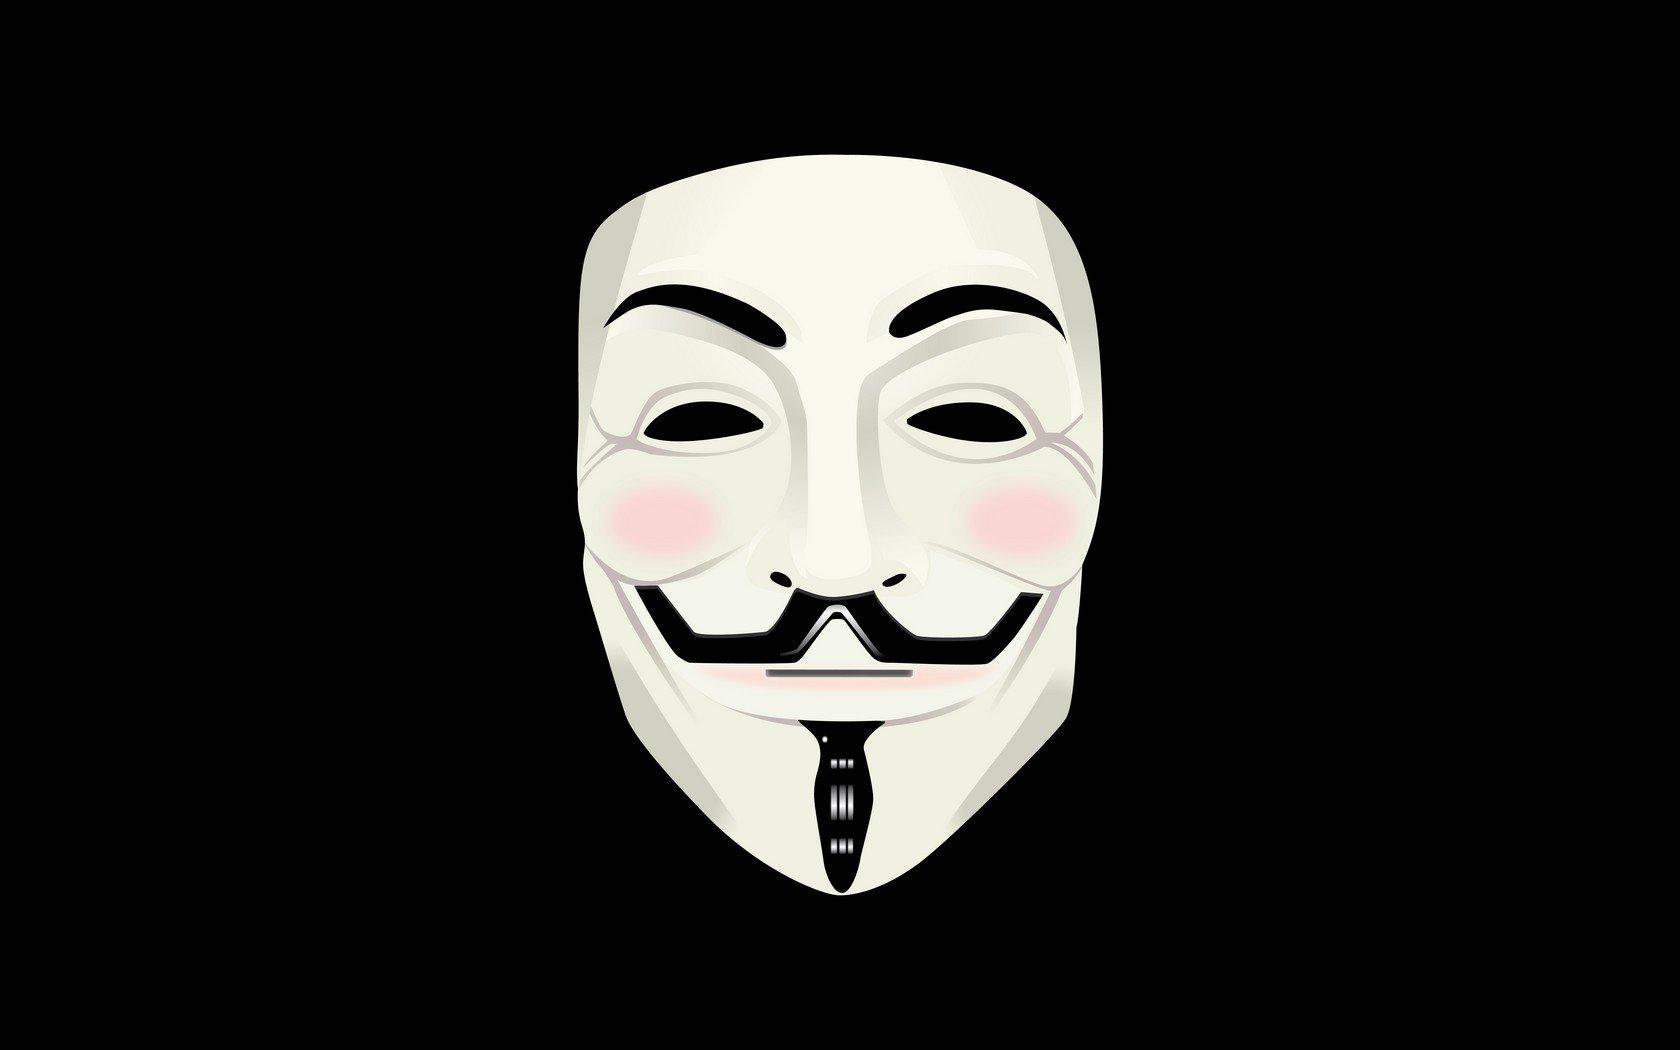 Papel De Parede 1680x1050 Px Mascara De Guy Fawkes Mascarar V